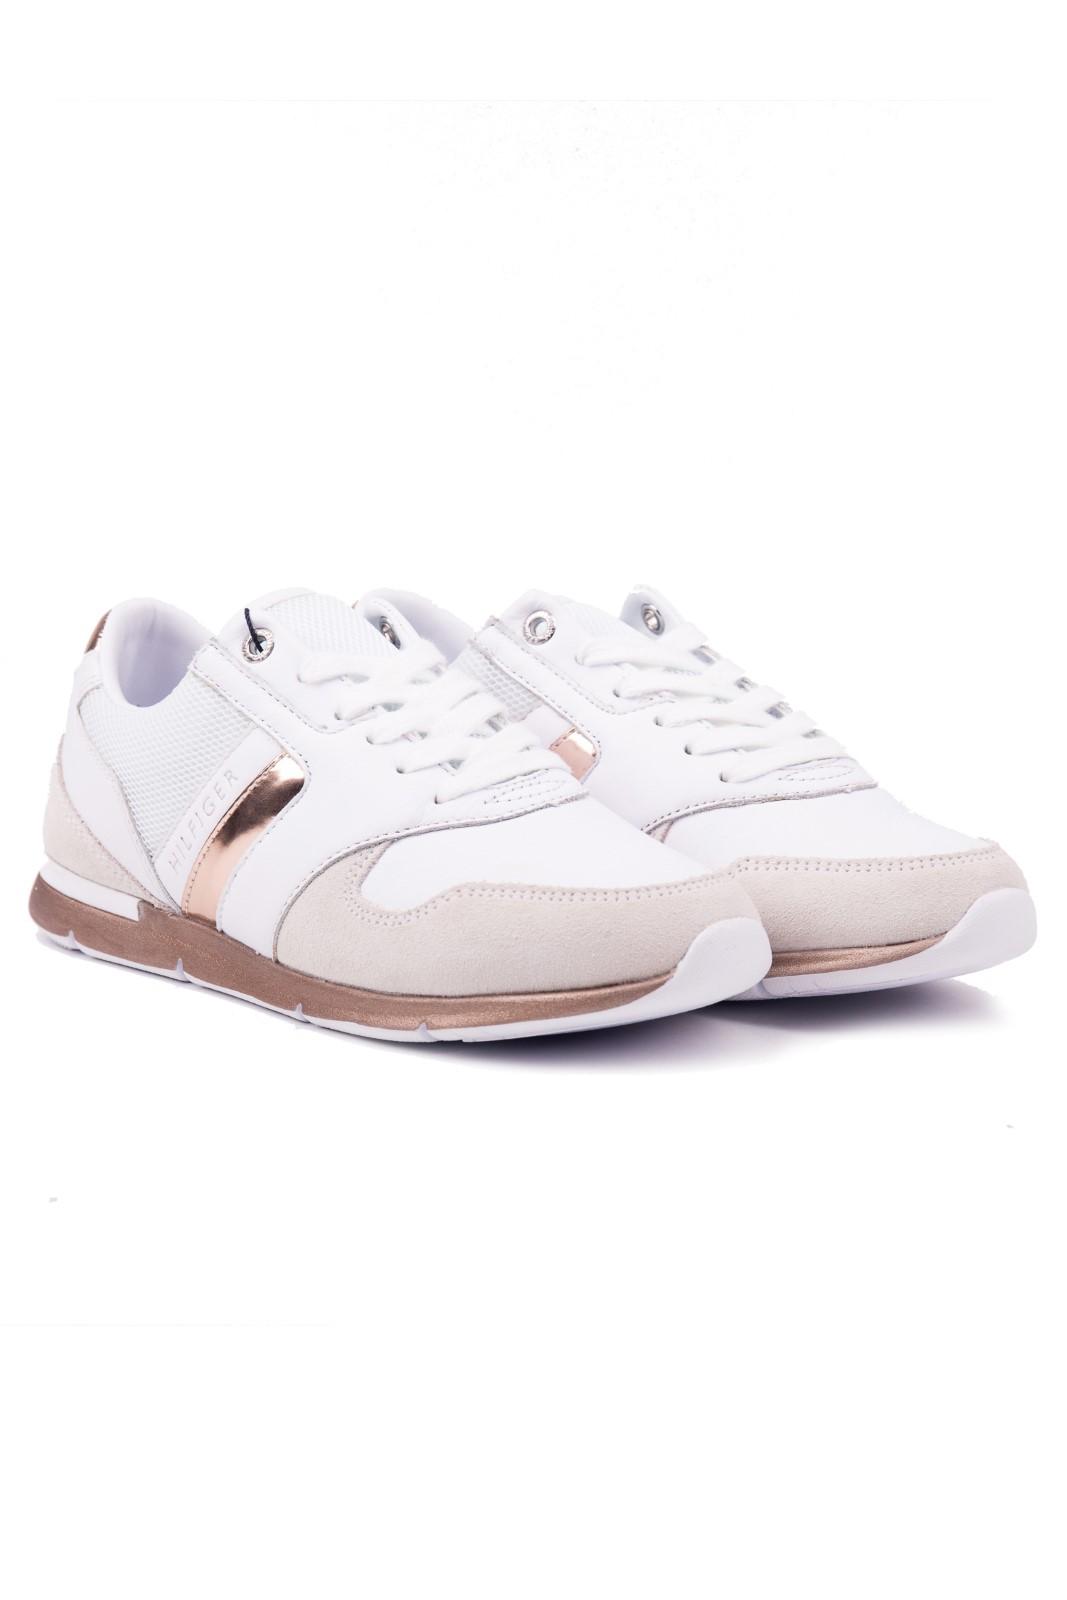 Tommy Hilfiger biele kožené tenisky Iridescent Light Sneaker. Tommy  Hilfiger biele kožené tenisky Iridescent Light Sneaker 4a19010a4e9